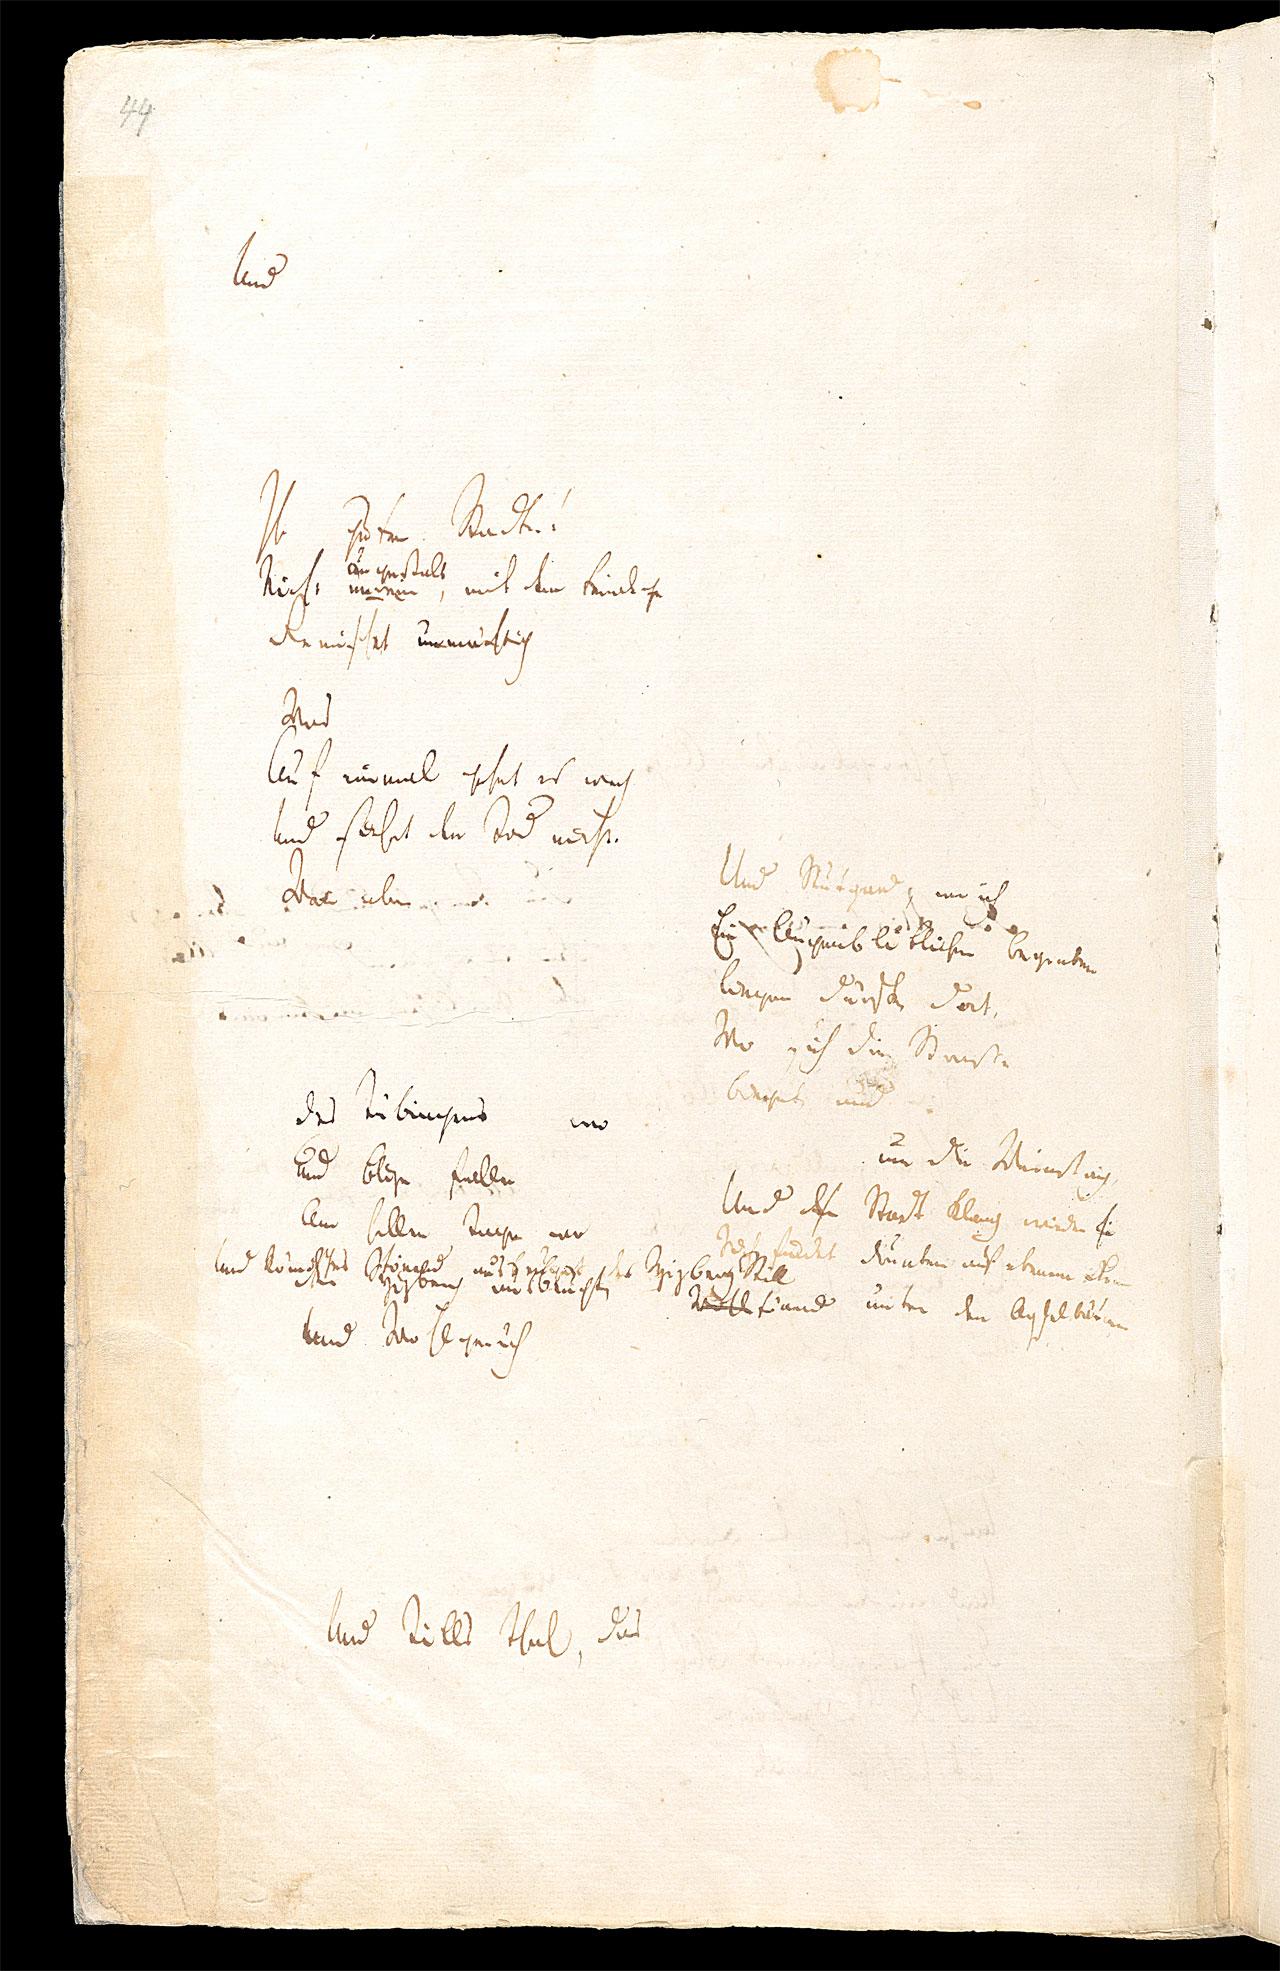 Friedrich Hölderlin, Homburger Folioheft, Seite 44, Ihr guten Städte…, Handschrift